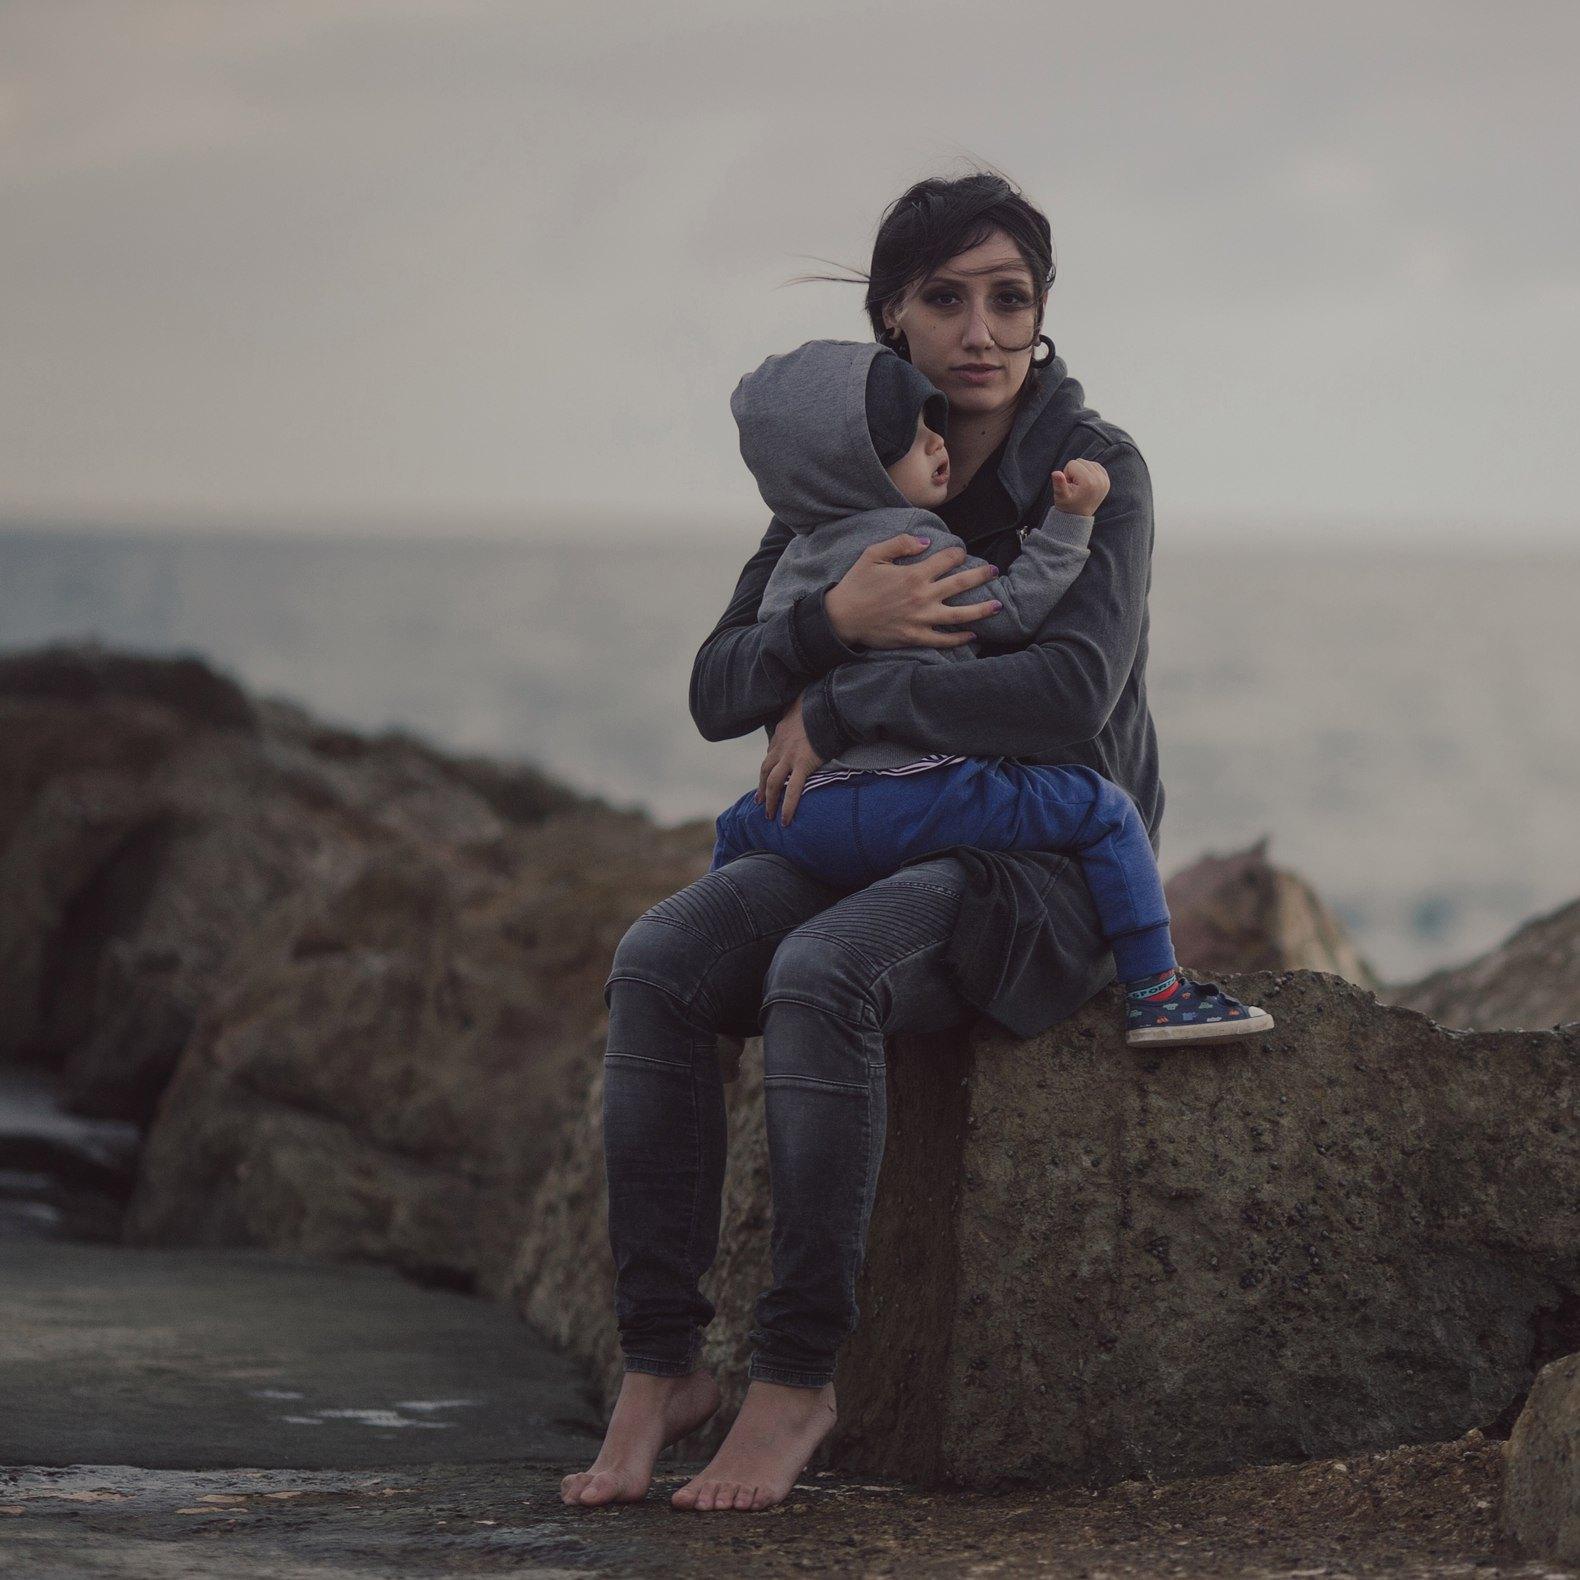 Louna сняла клип о взаимоотношениях маленького мальчика и его мамы-музыканта